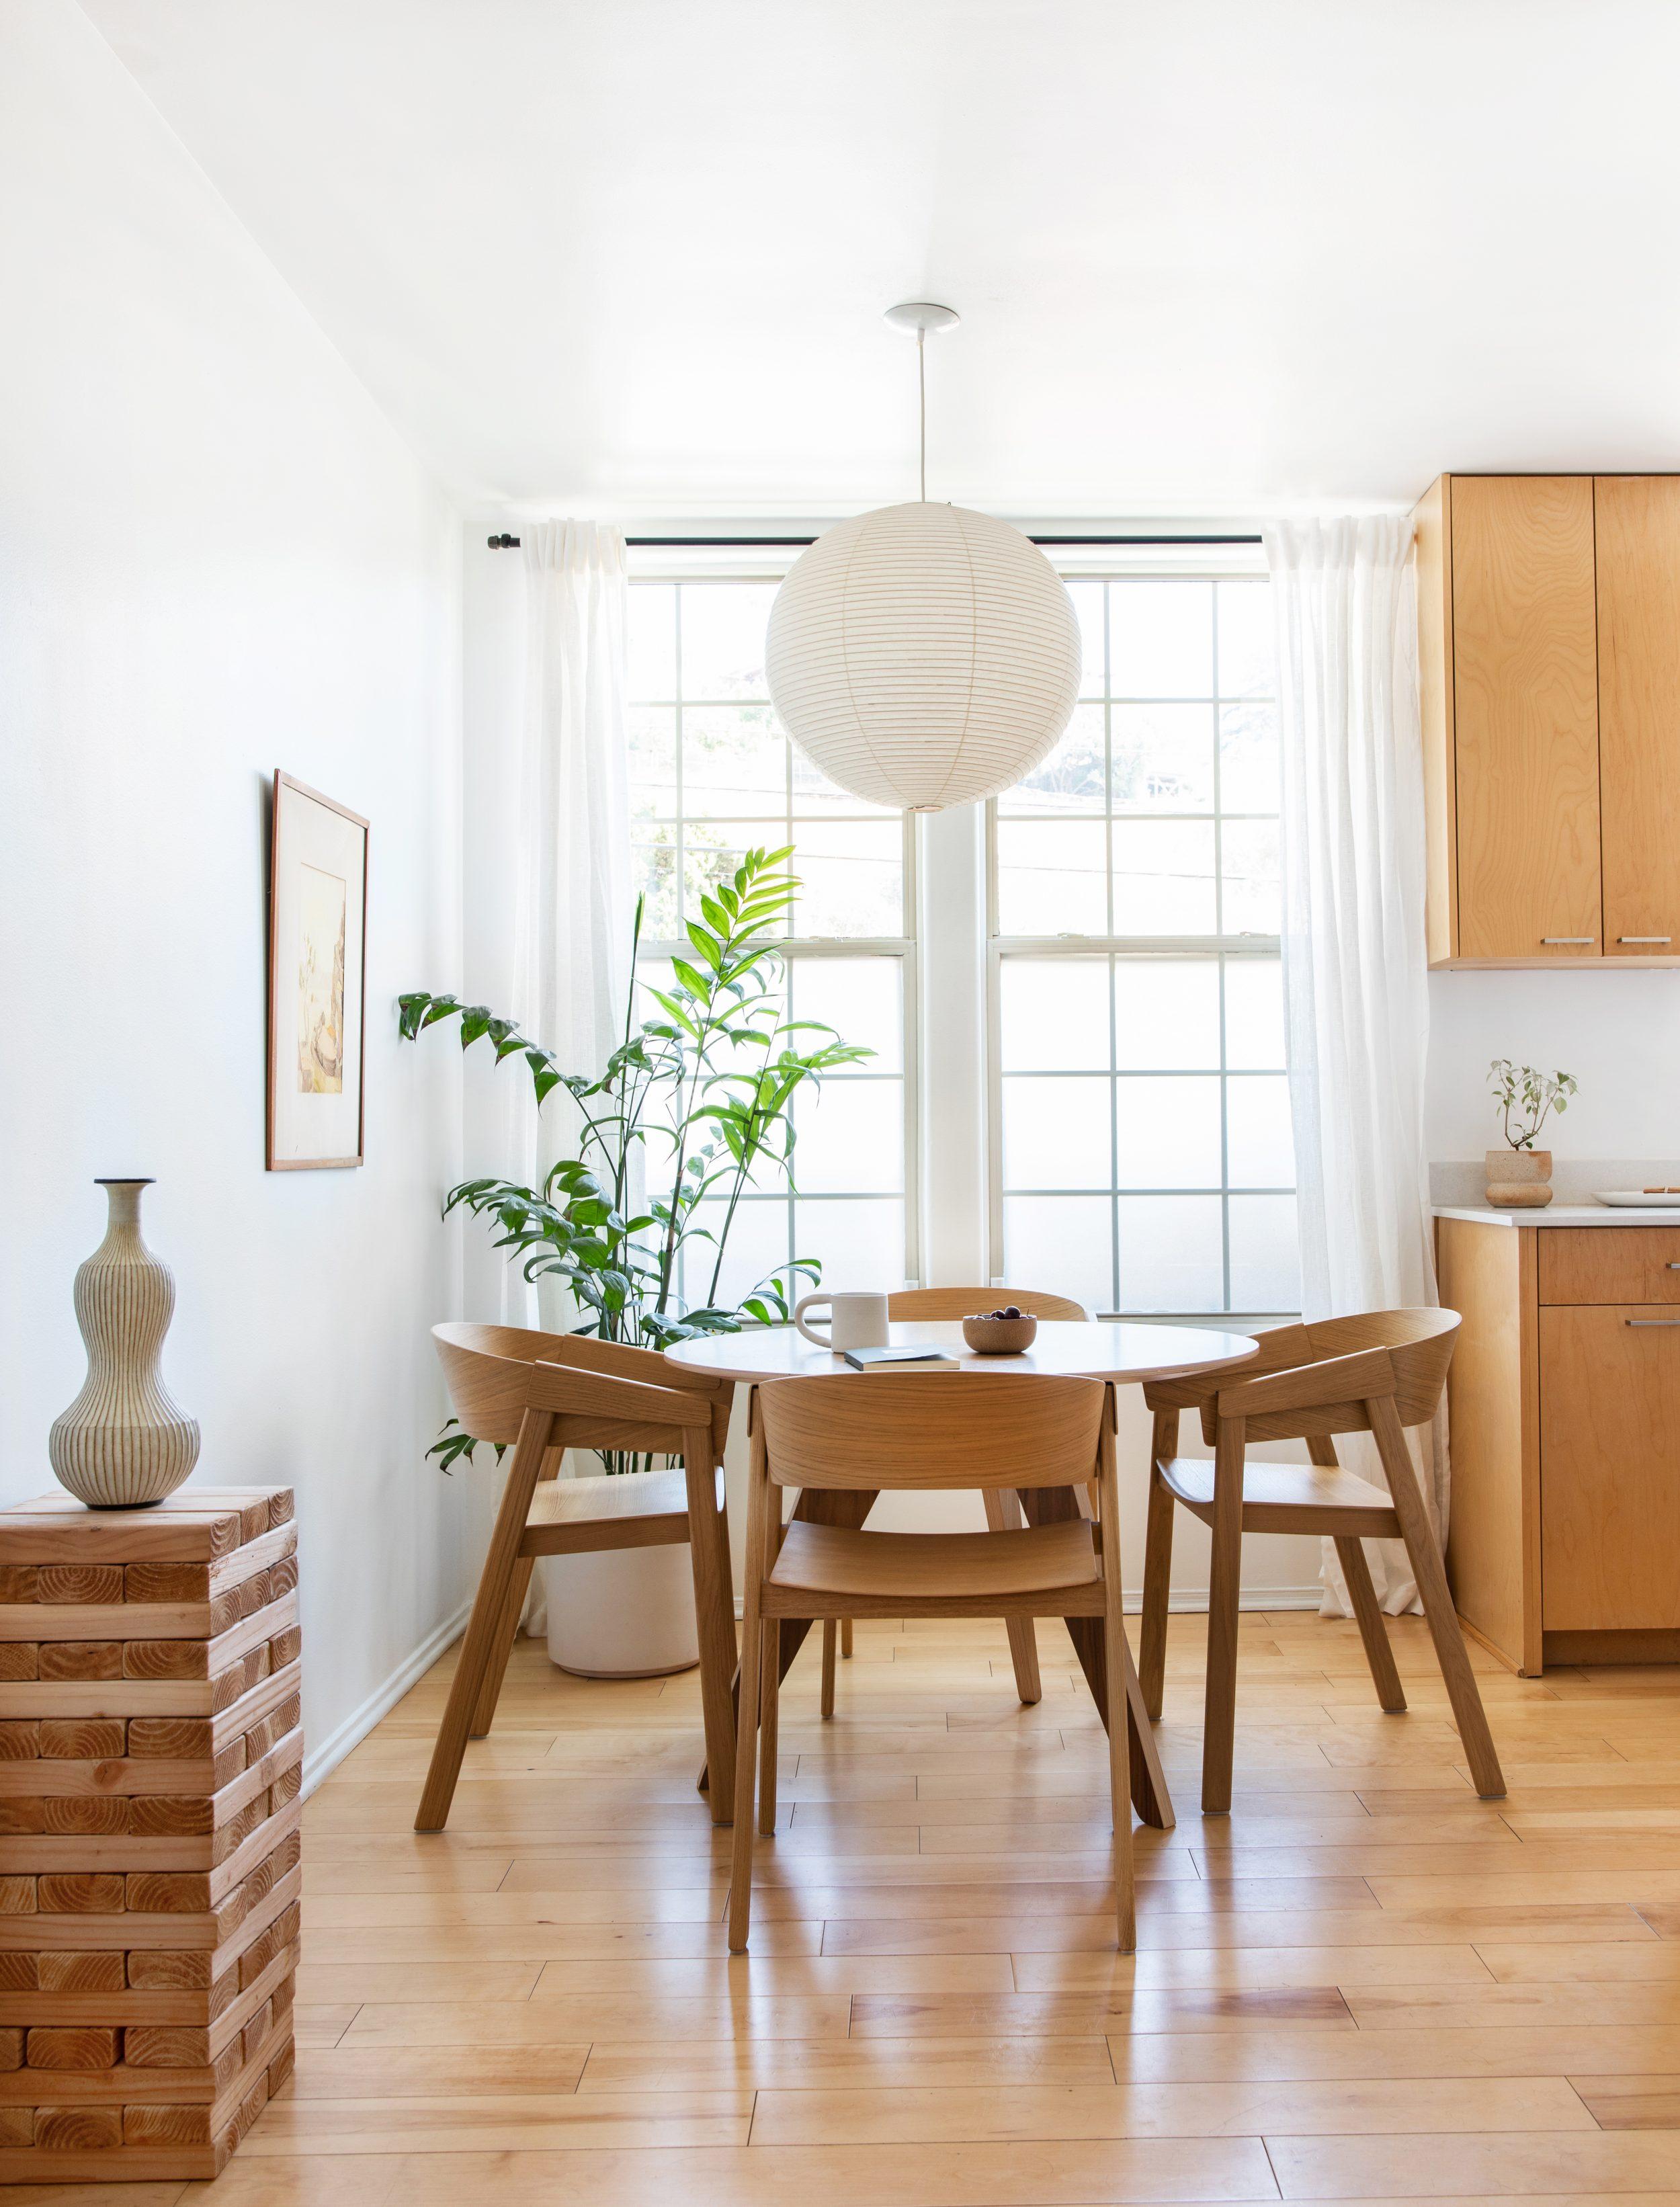 Tham Quan Nhà: Nơi Ở Mới Của Mel Sẽ Khiến Bạn Muốn Cải Tạo Nhà Ngay Lập Tức